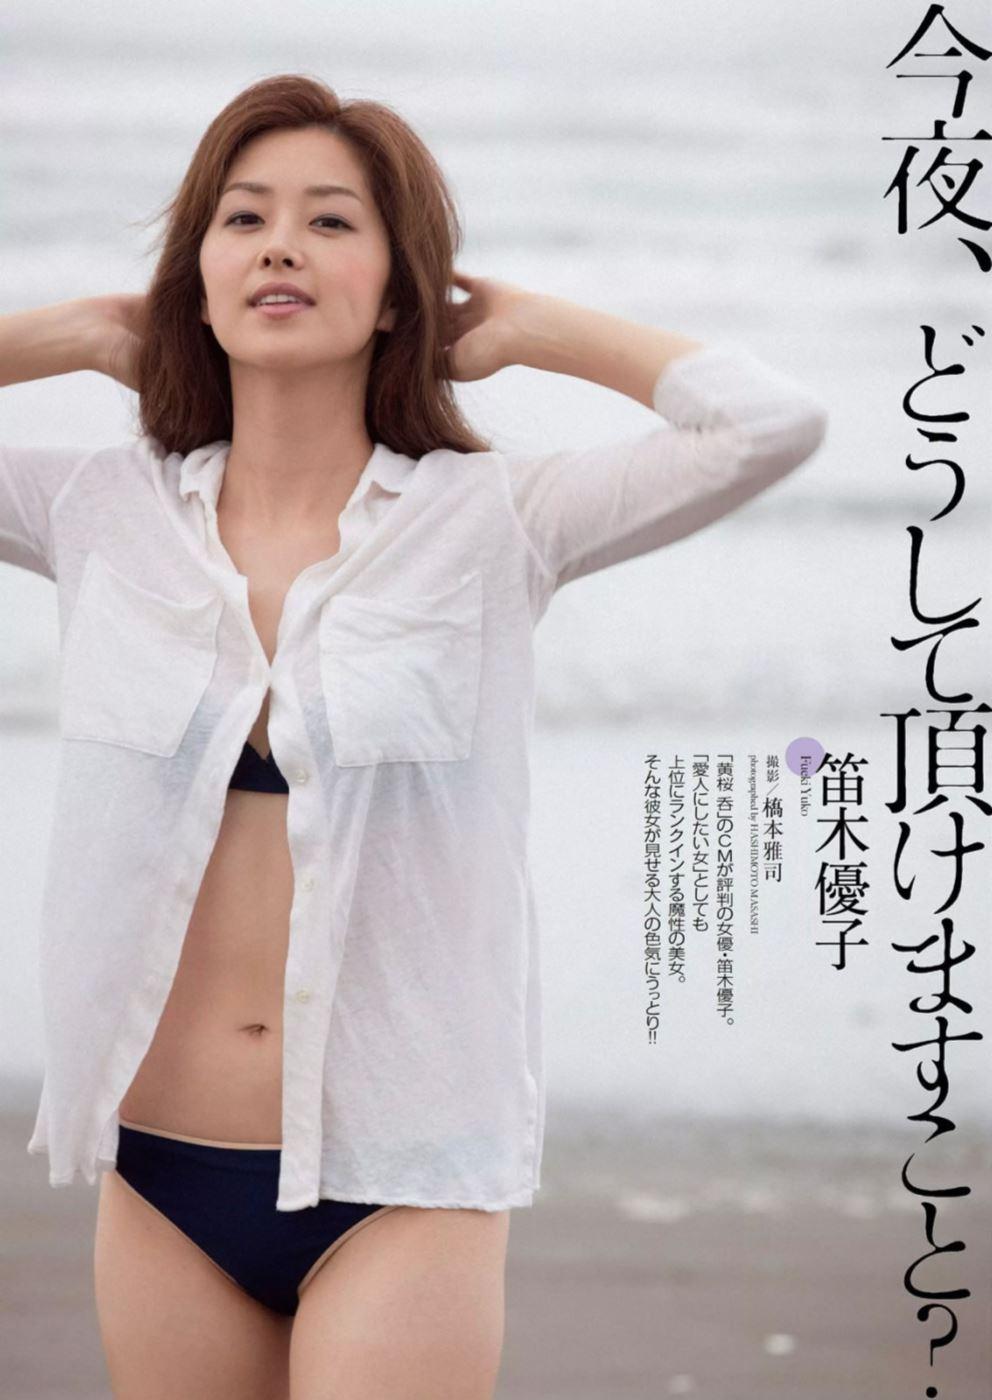 笛木優子(ユミン)画像 71